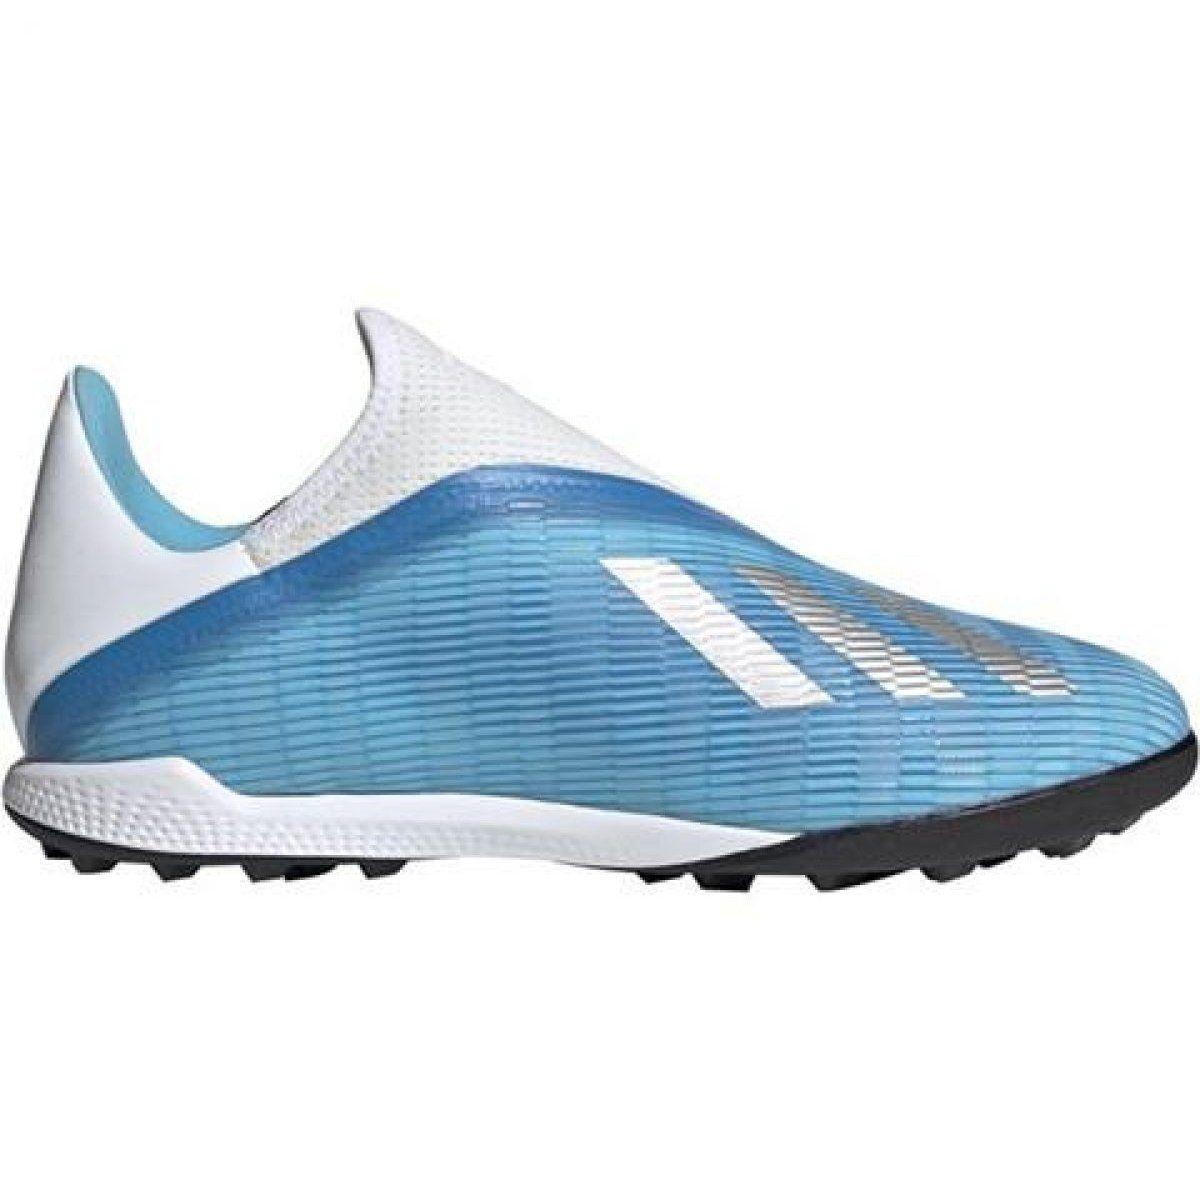 Turfy Football Sport Adidas Adidas X 19 3 Ll Tf M Ef0632 Football Shoes Blue Blue Football Shoes Blue Shoes Shoes